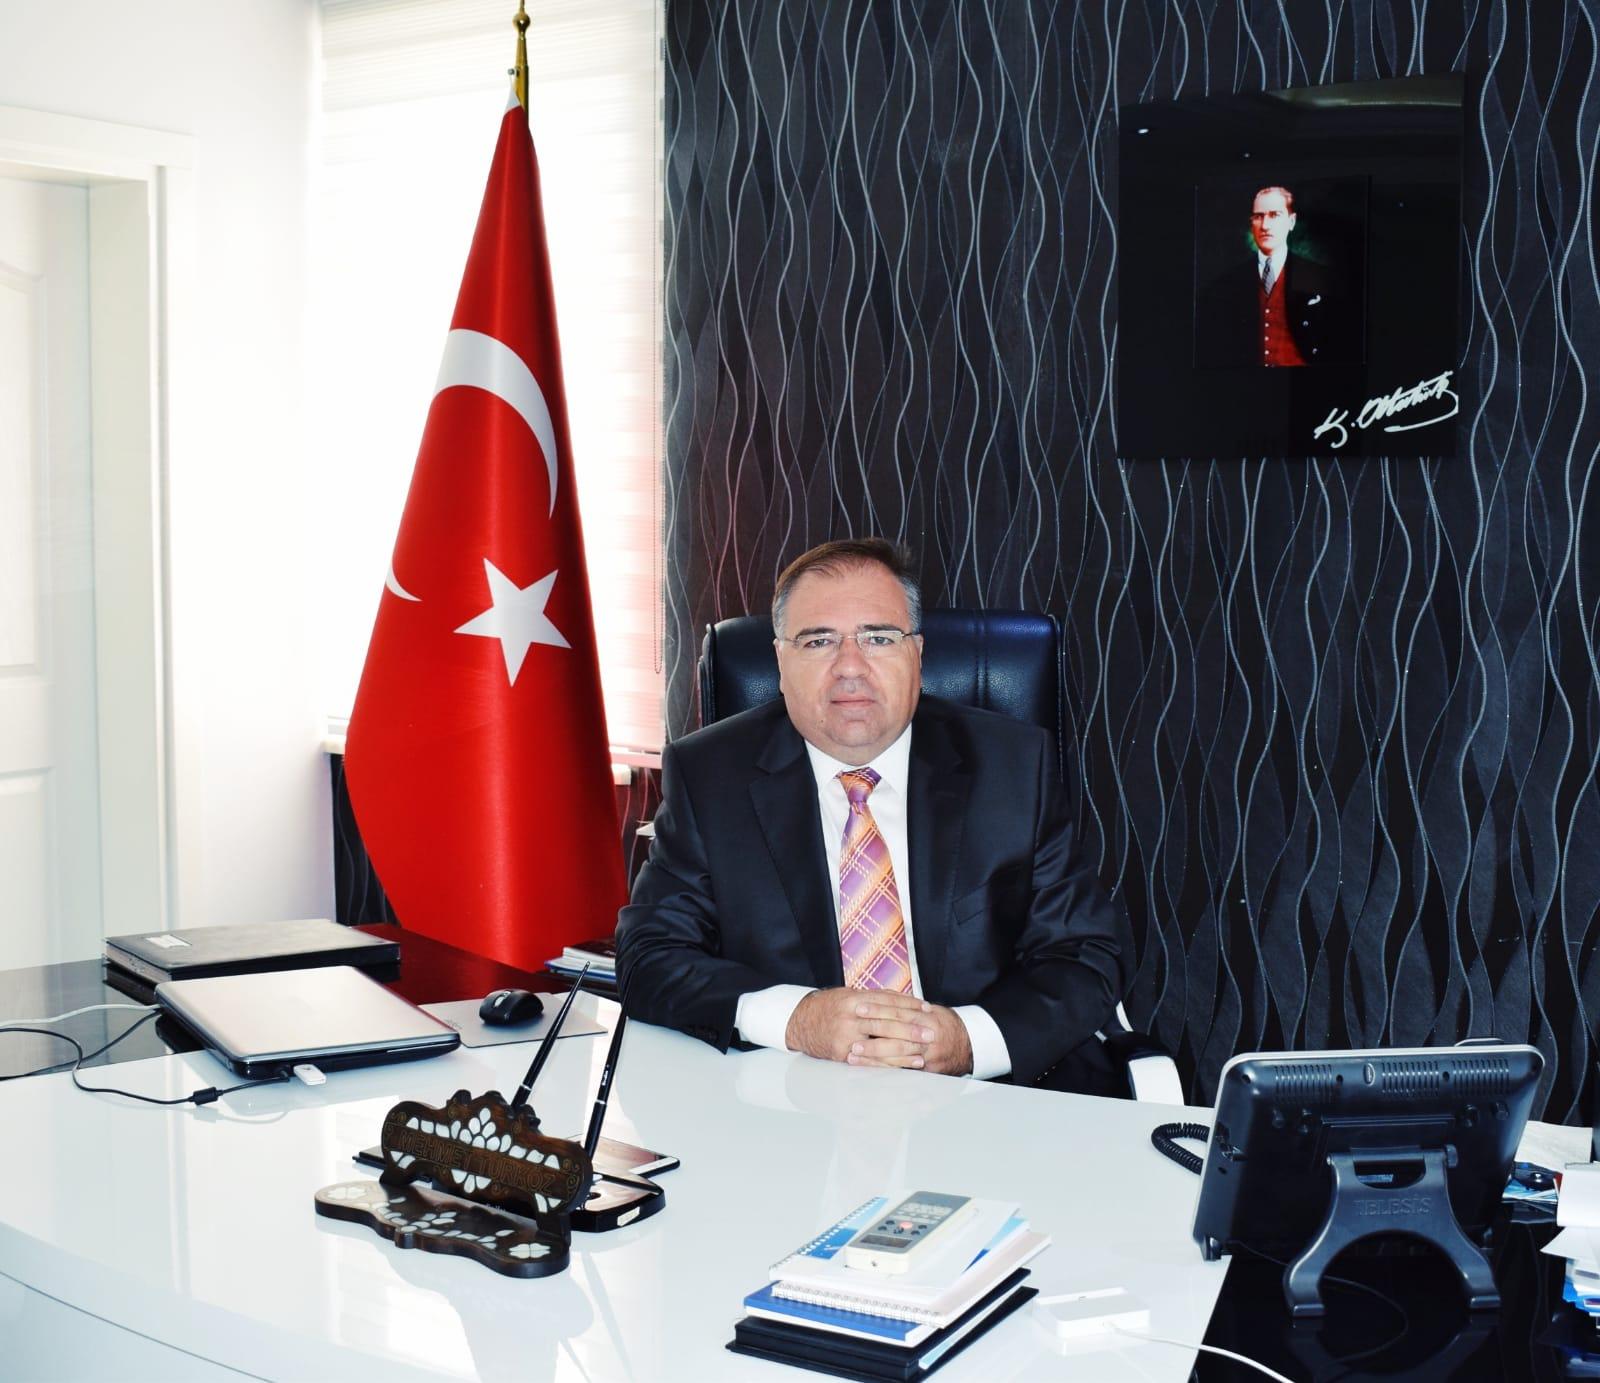 http://www.didim.gov.tr/kurumlar/didim.gov.tr/Kaymakam/IMG-20180920-WA0015.jpg